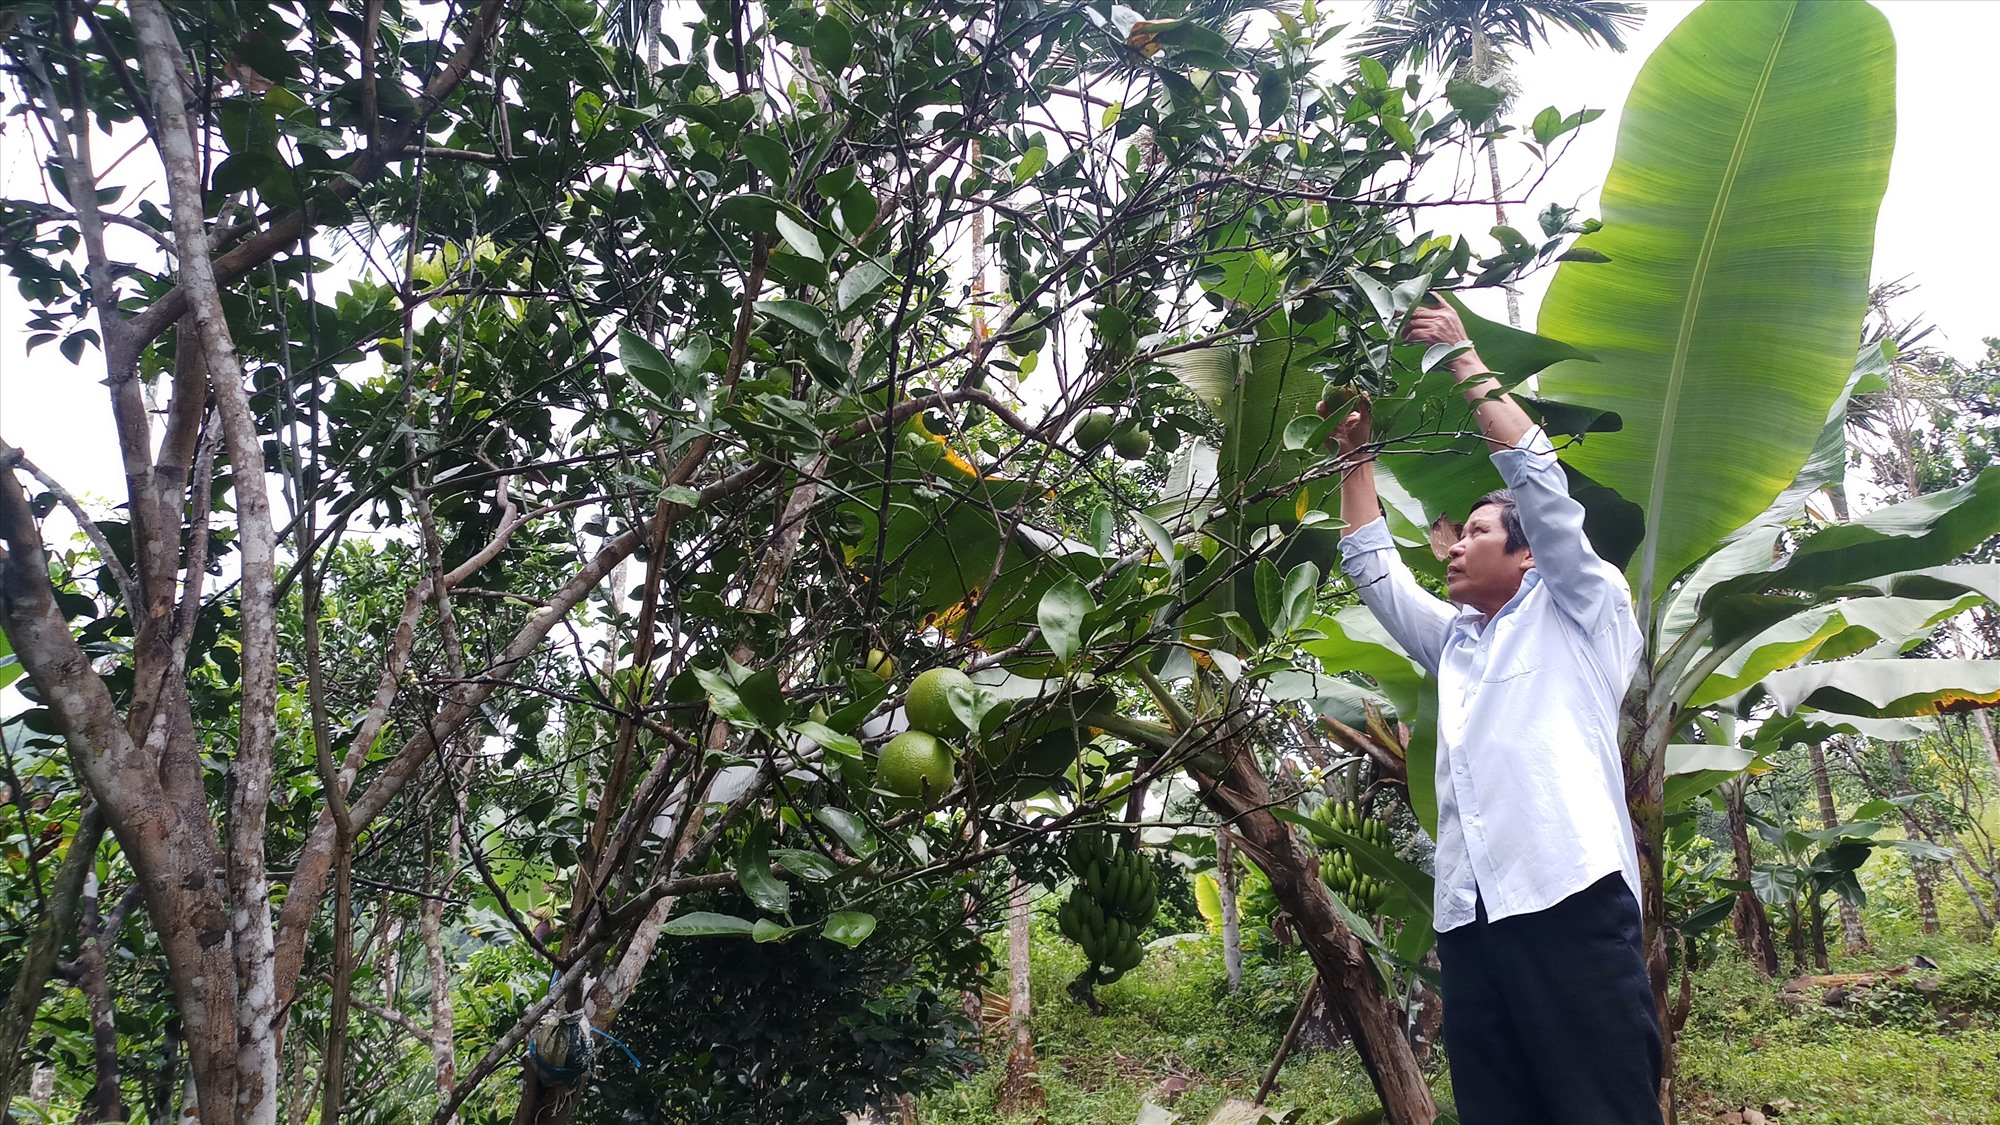 Đề án 03 của huyện đã tạo cú hích cho người dân phát triển kinh tế vườn, kinh tế trang trại.